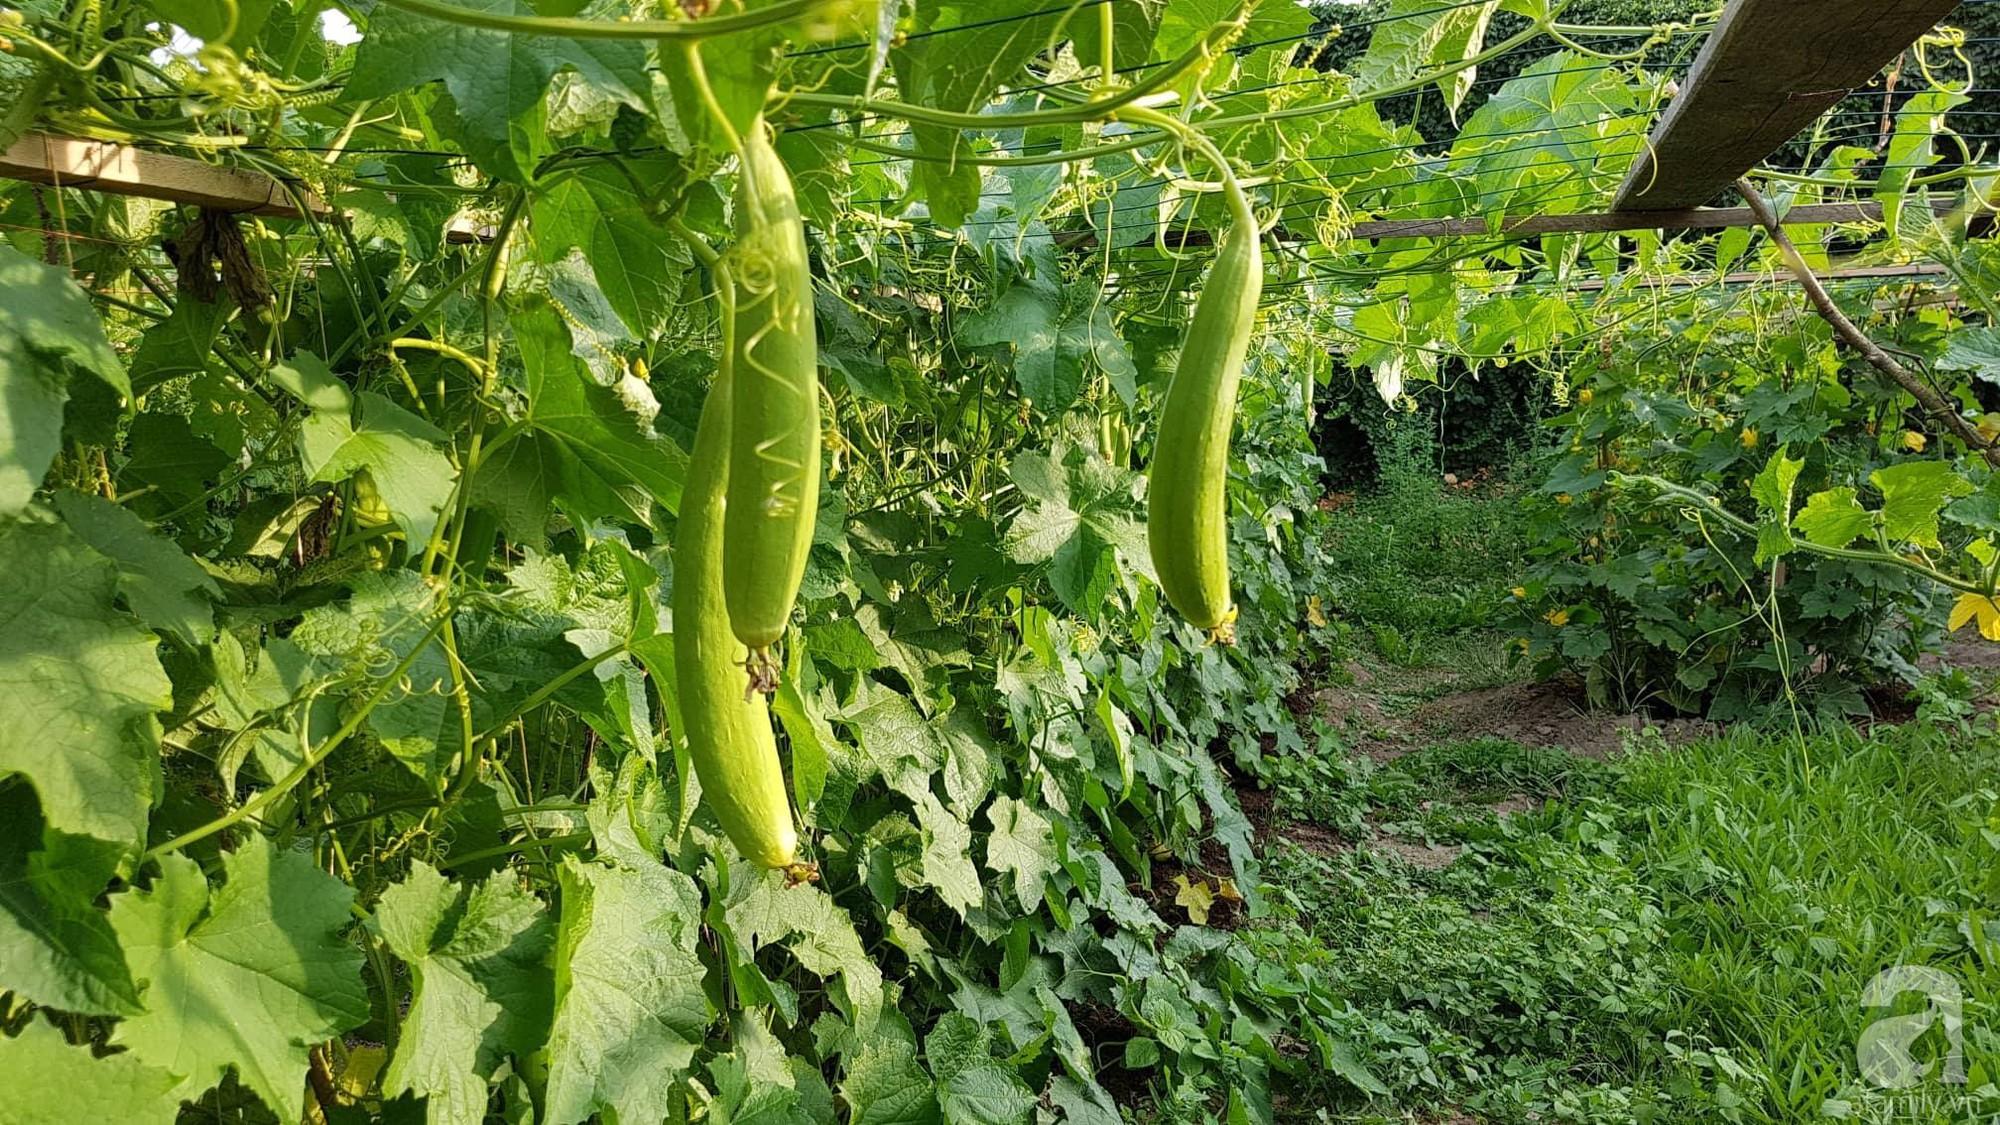 Choáng ngợp trước vườn rau sạch rộng 600m² với đủ rau trái Việt của bà mẹ trẻ ở nước ngoài - Ảnh 2.